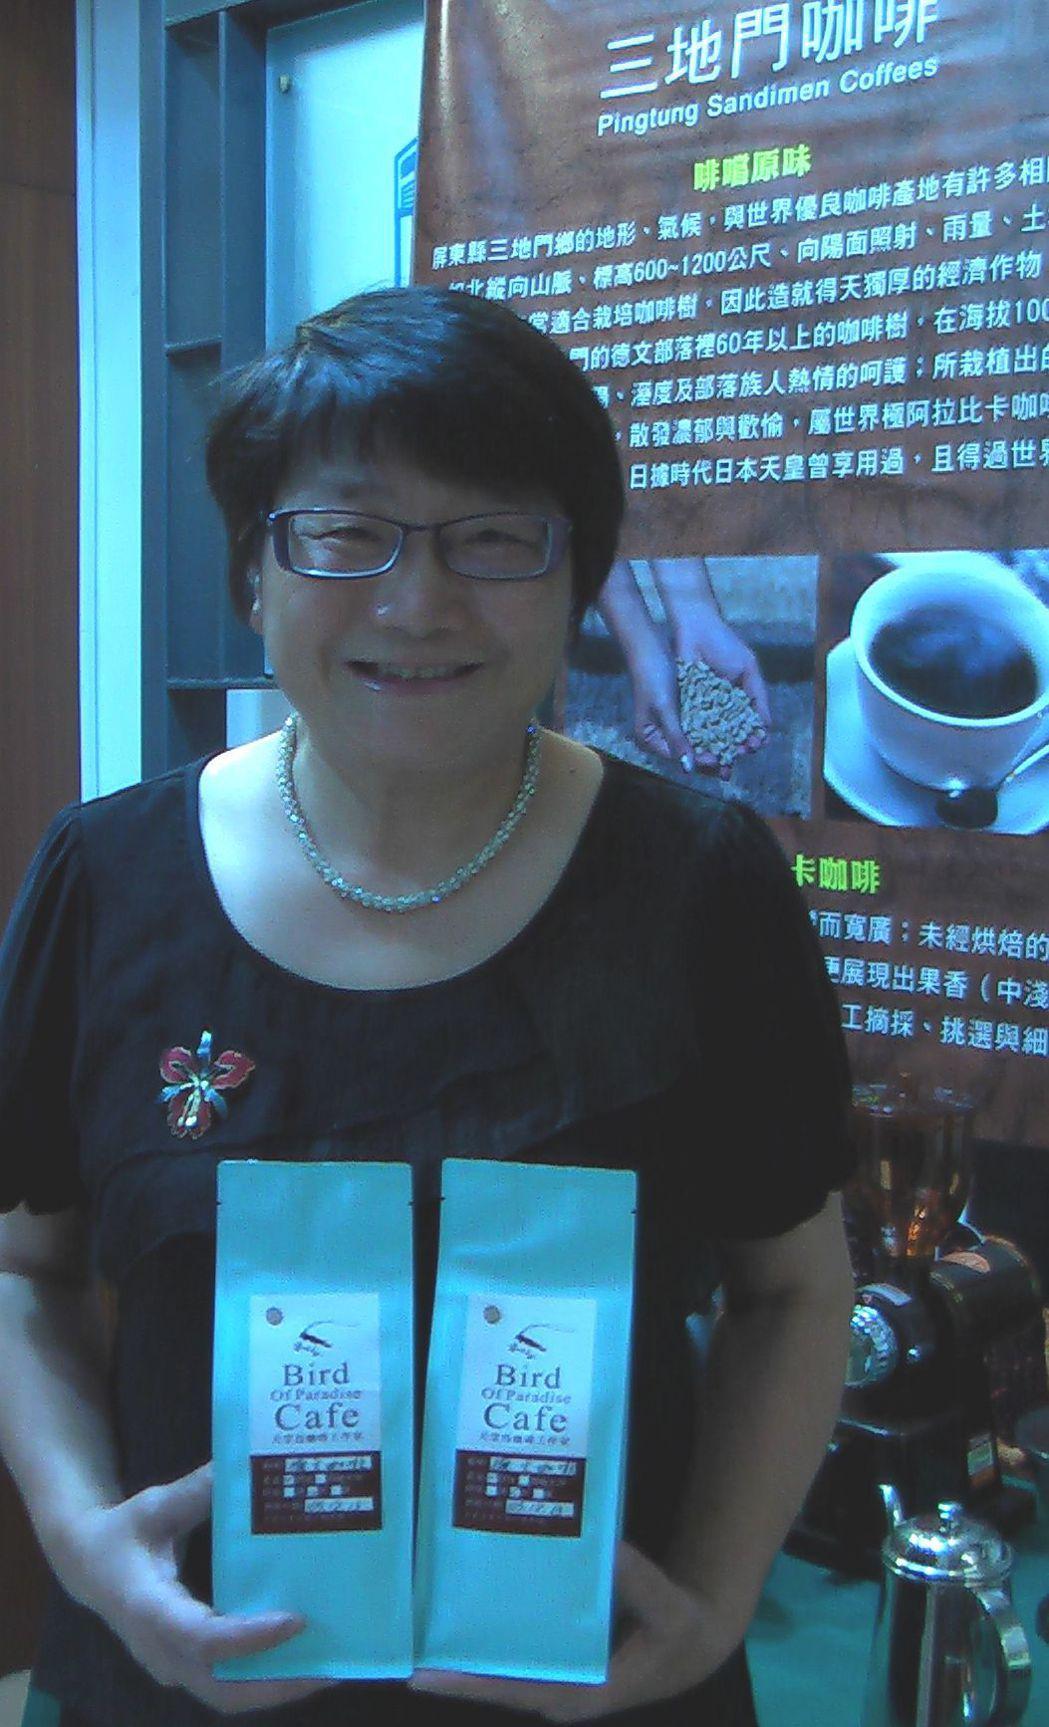 天堂鳥咖啡林鈺善(左一立者)獲屏東山地門鄉咖啡烘焙賽冠軍。記者徐如宜/攝影